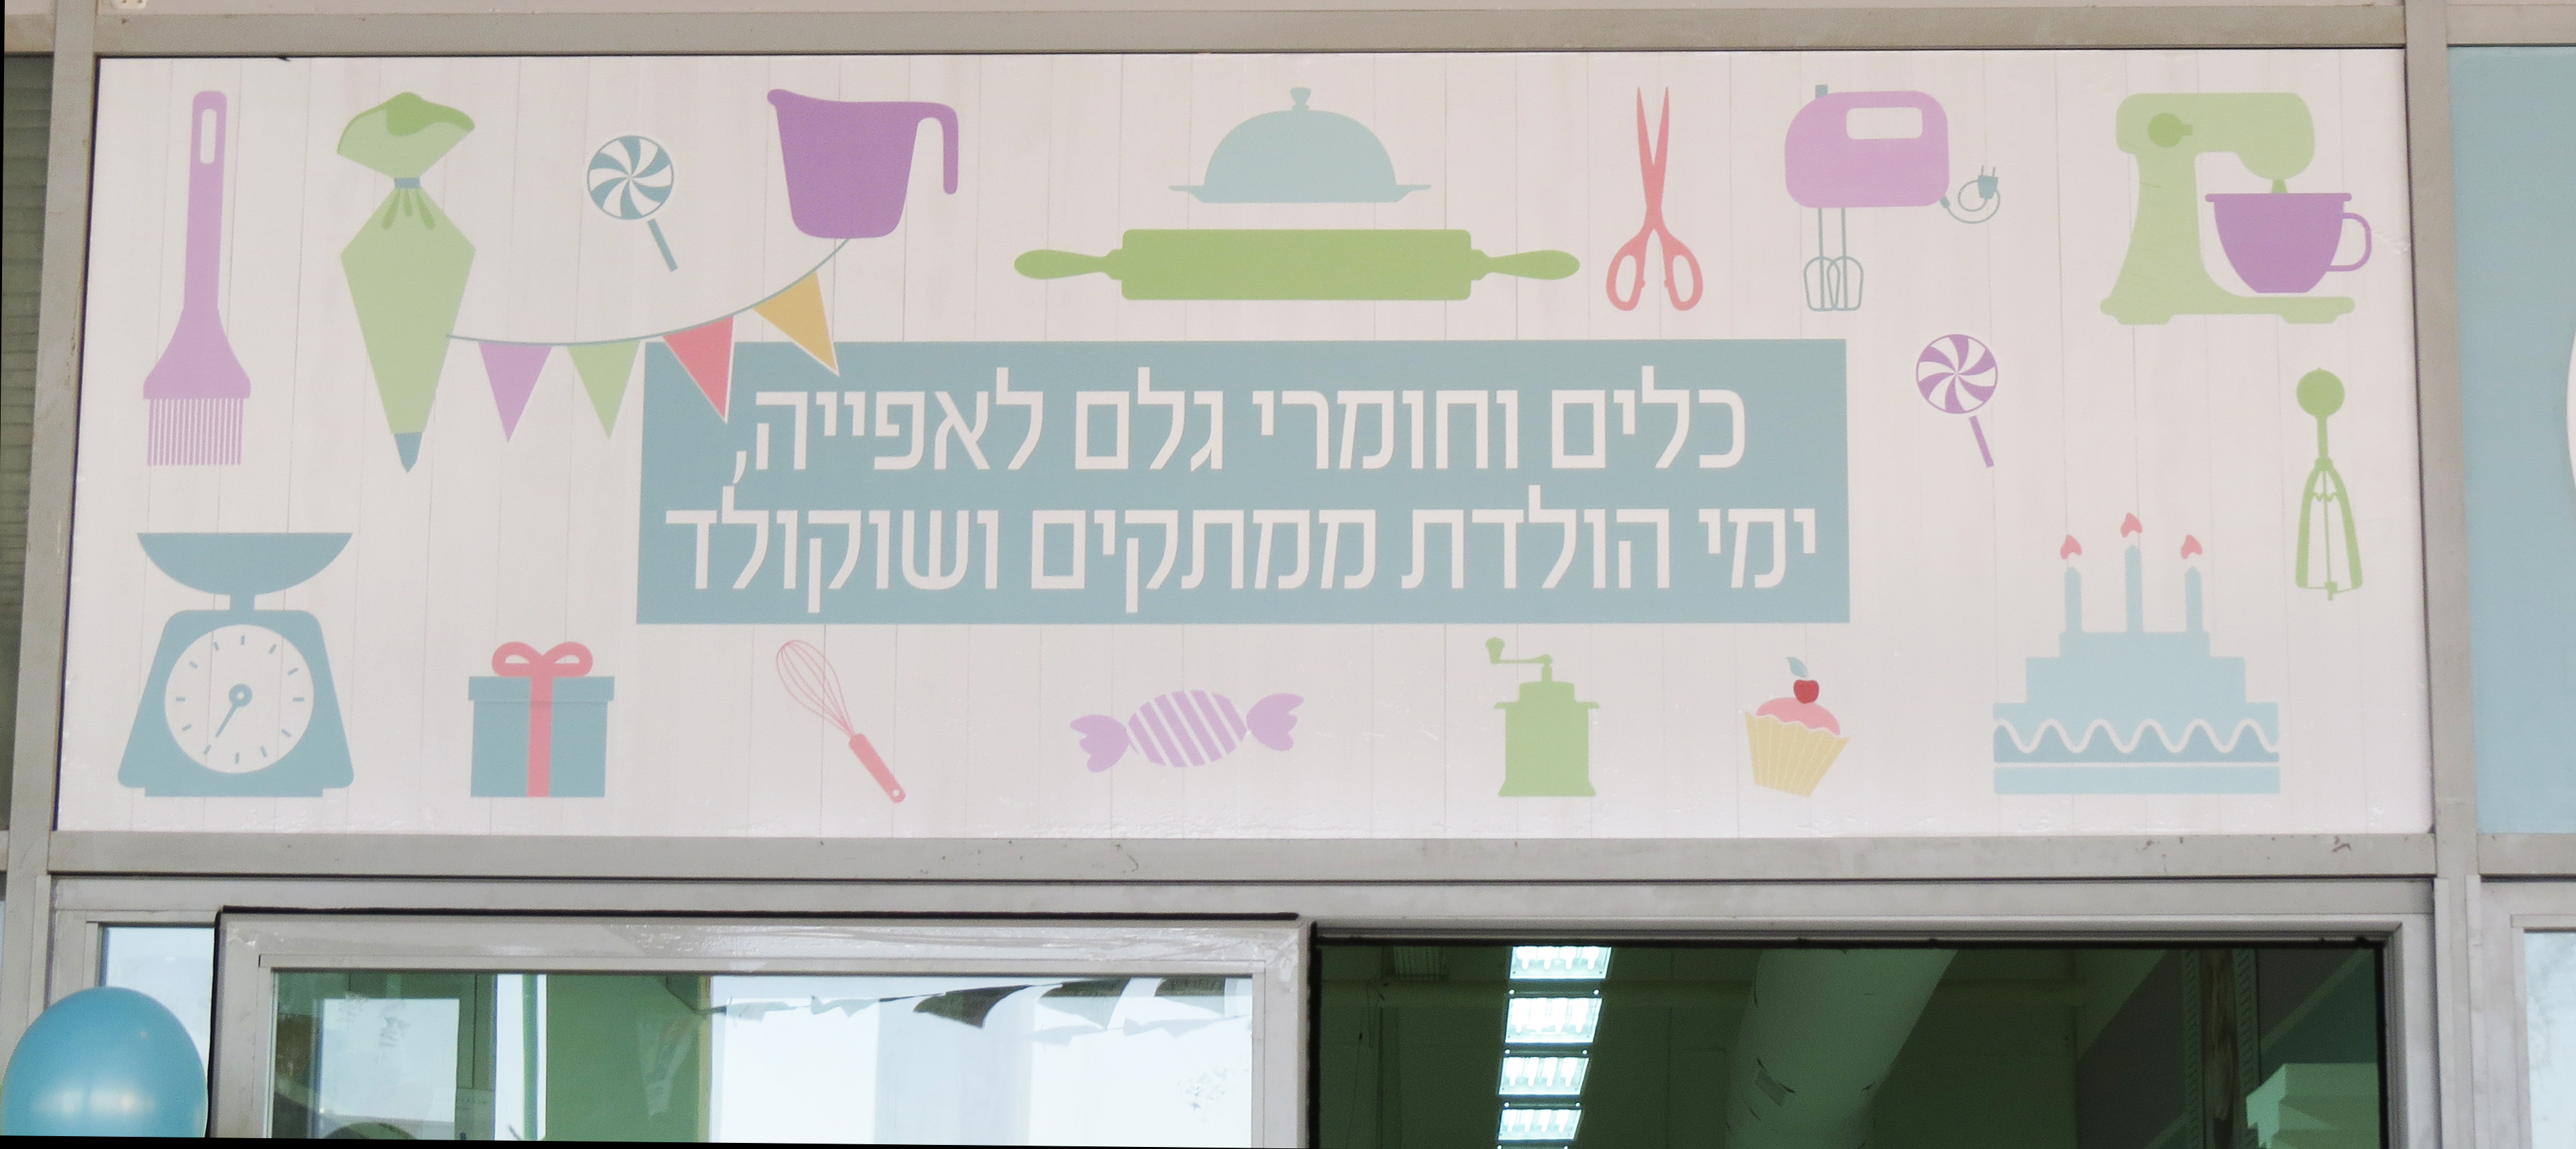 שלט בכניסה לעסק